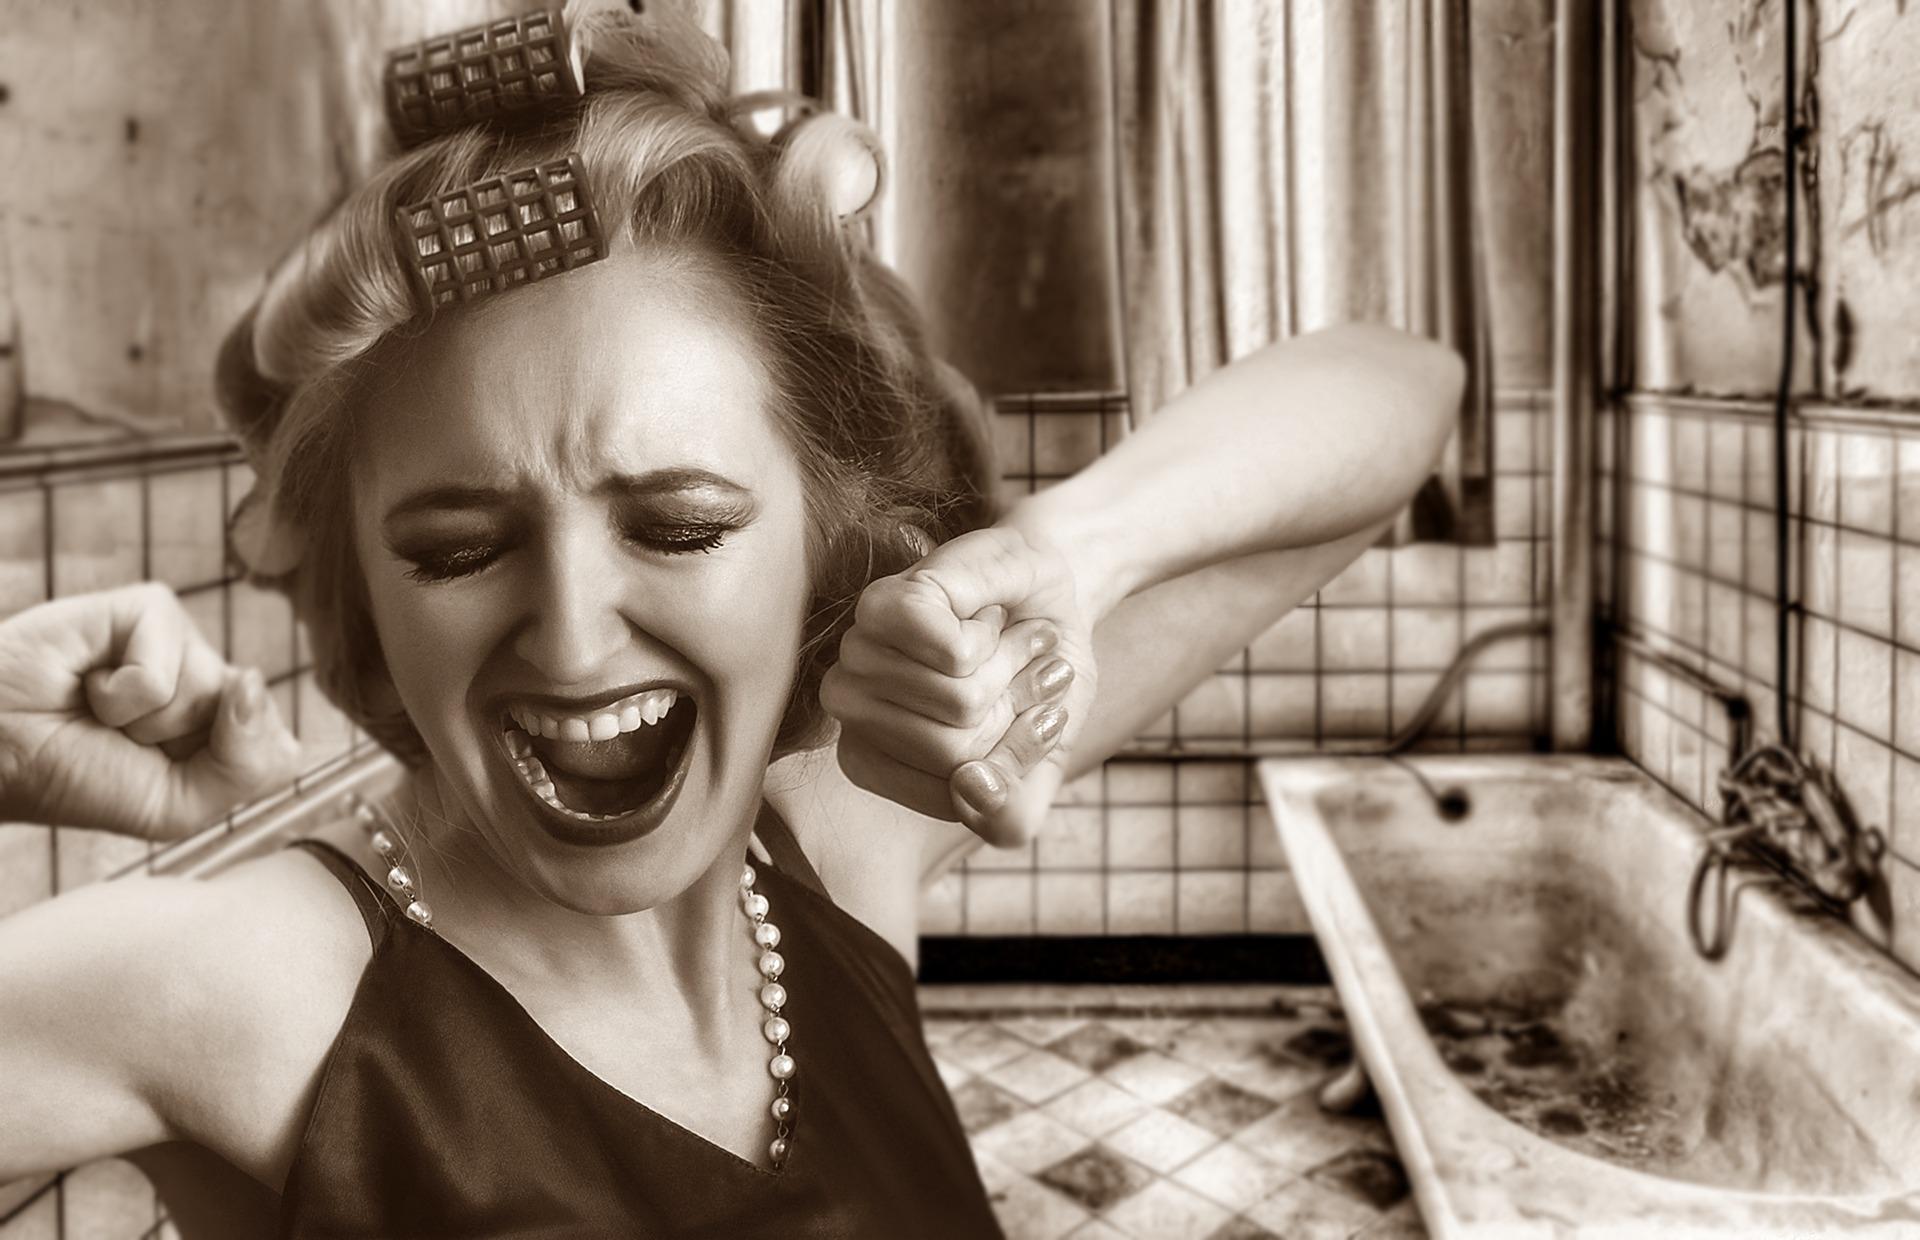 La muffa nel bagno: problema Nr. 1